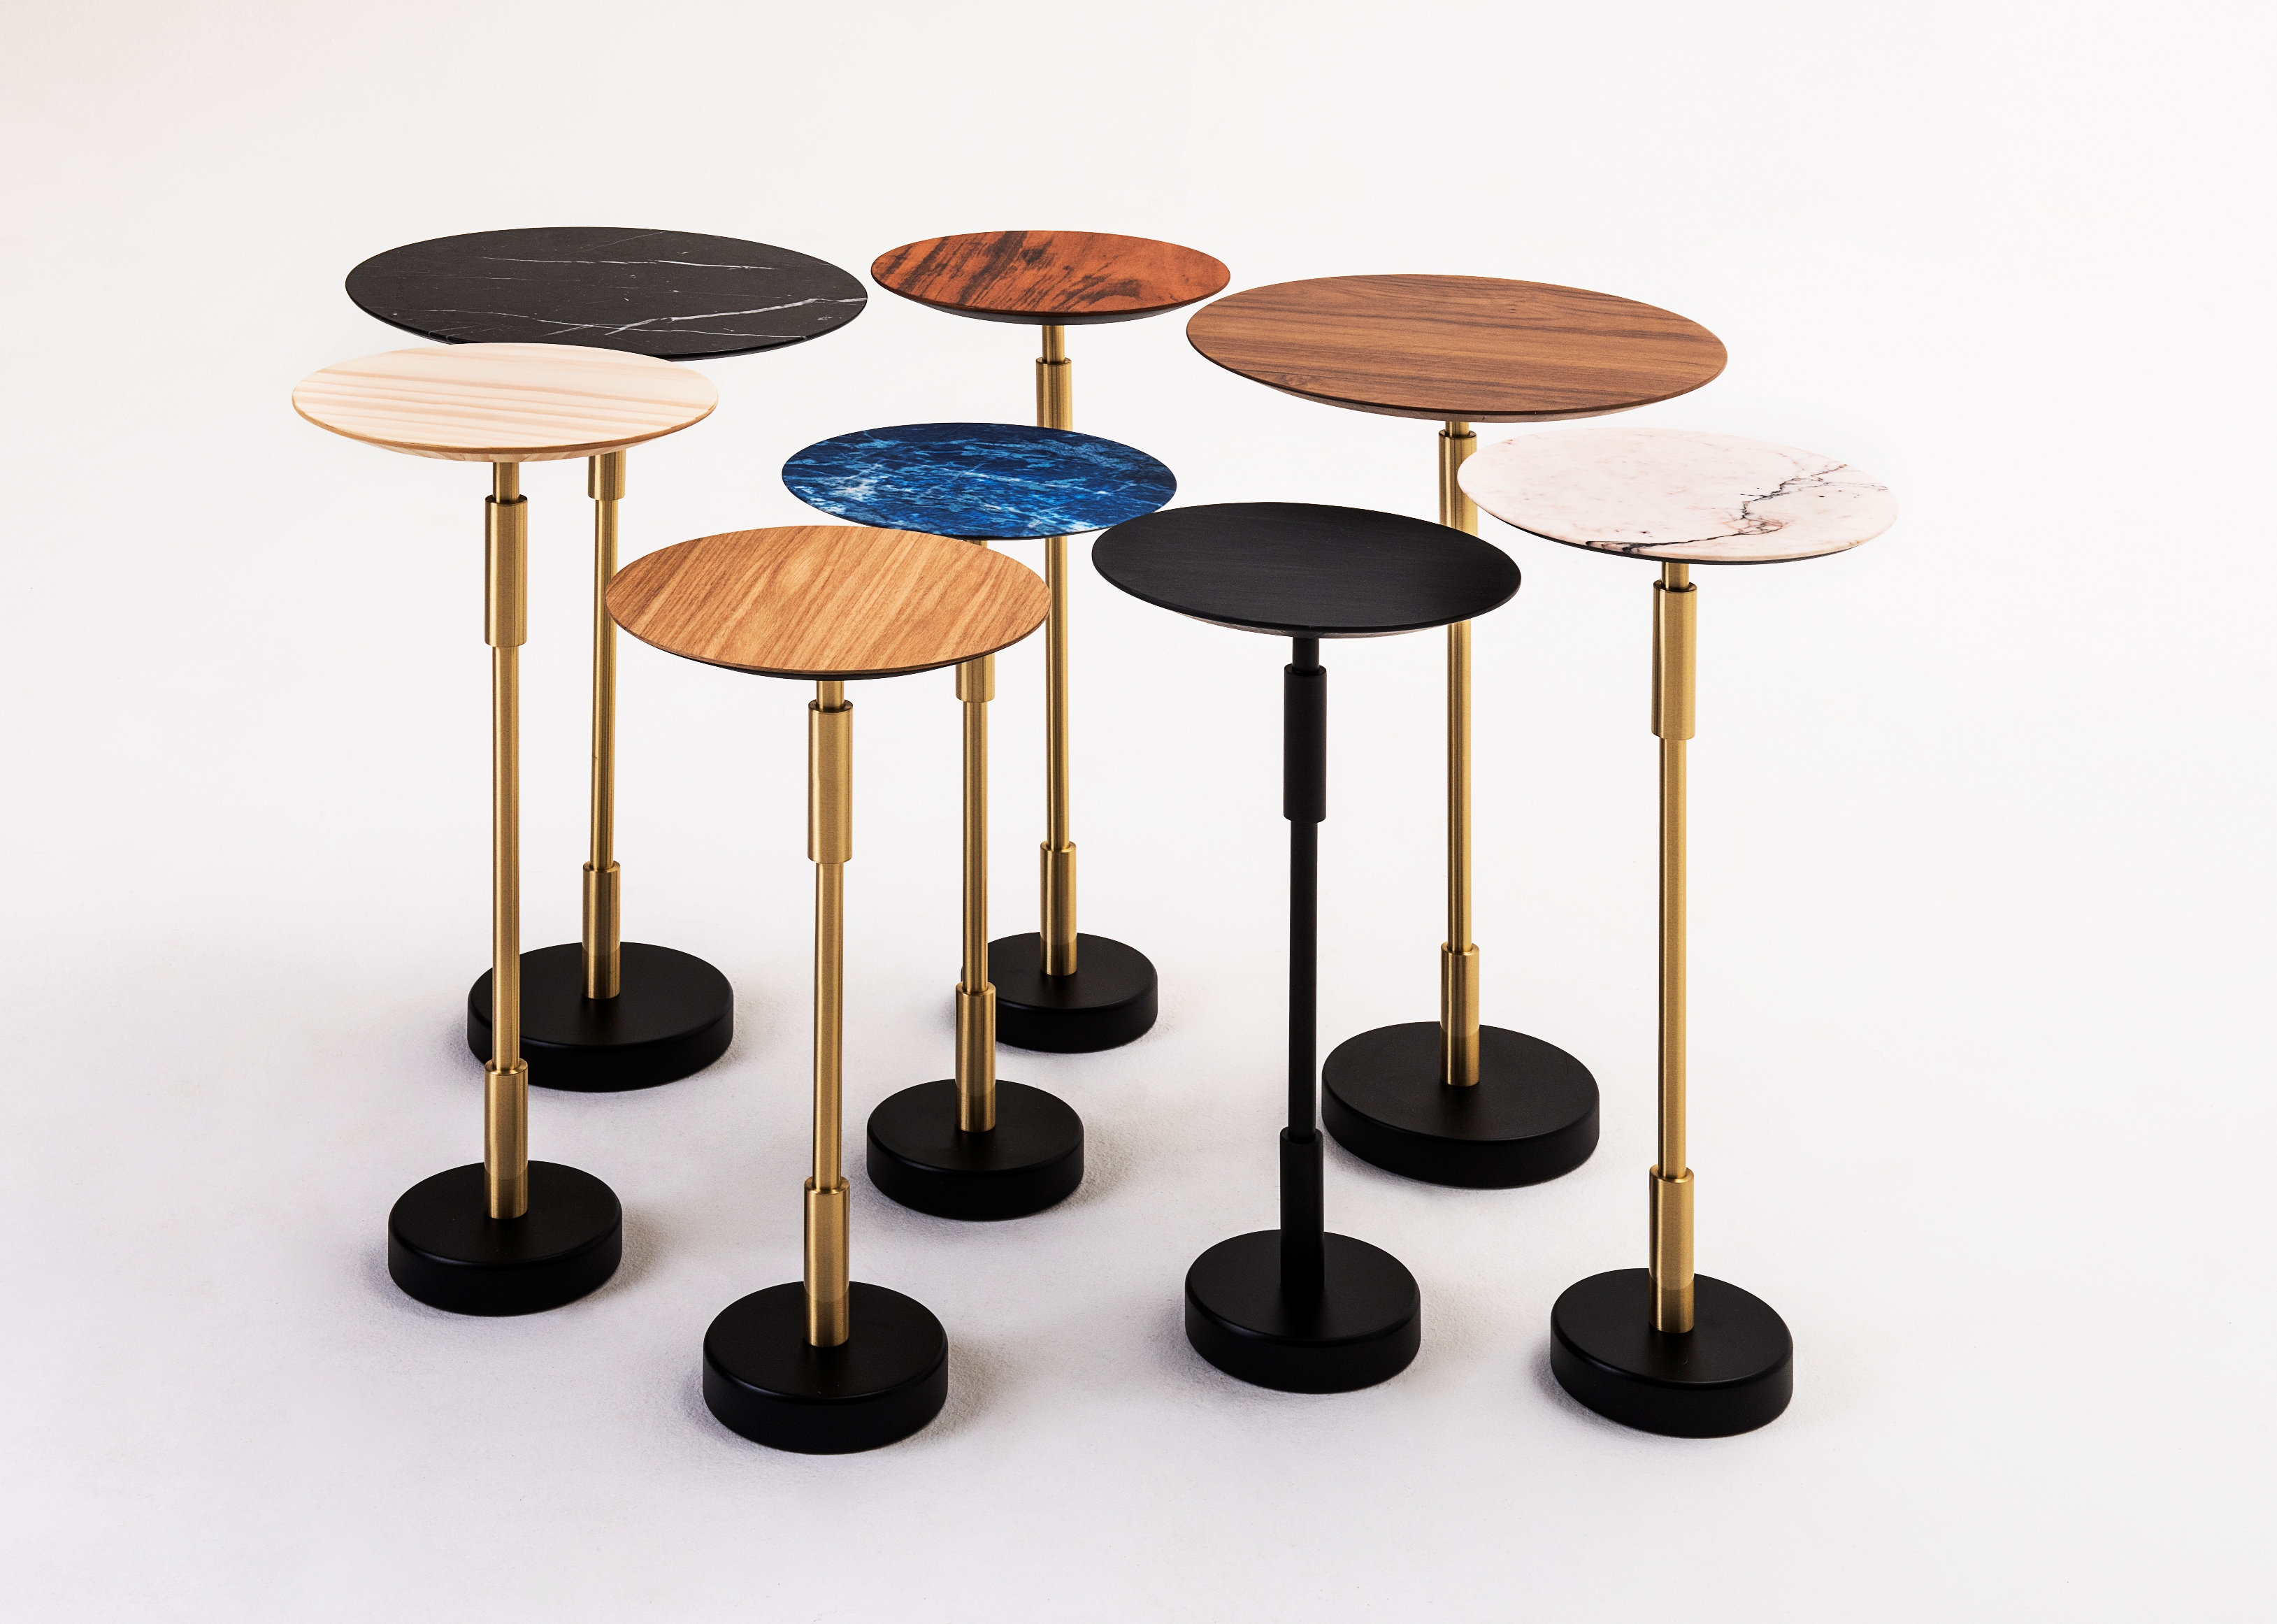 lateral-urbana-minimal-pontoeu-todo-robertabanqueri-productdesign-4